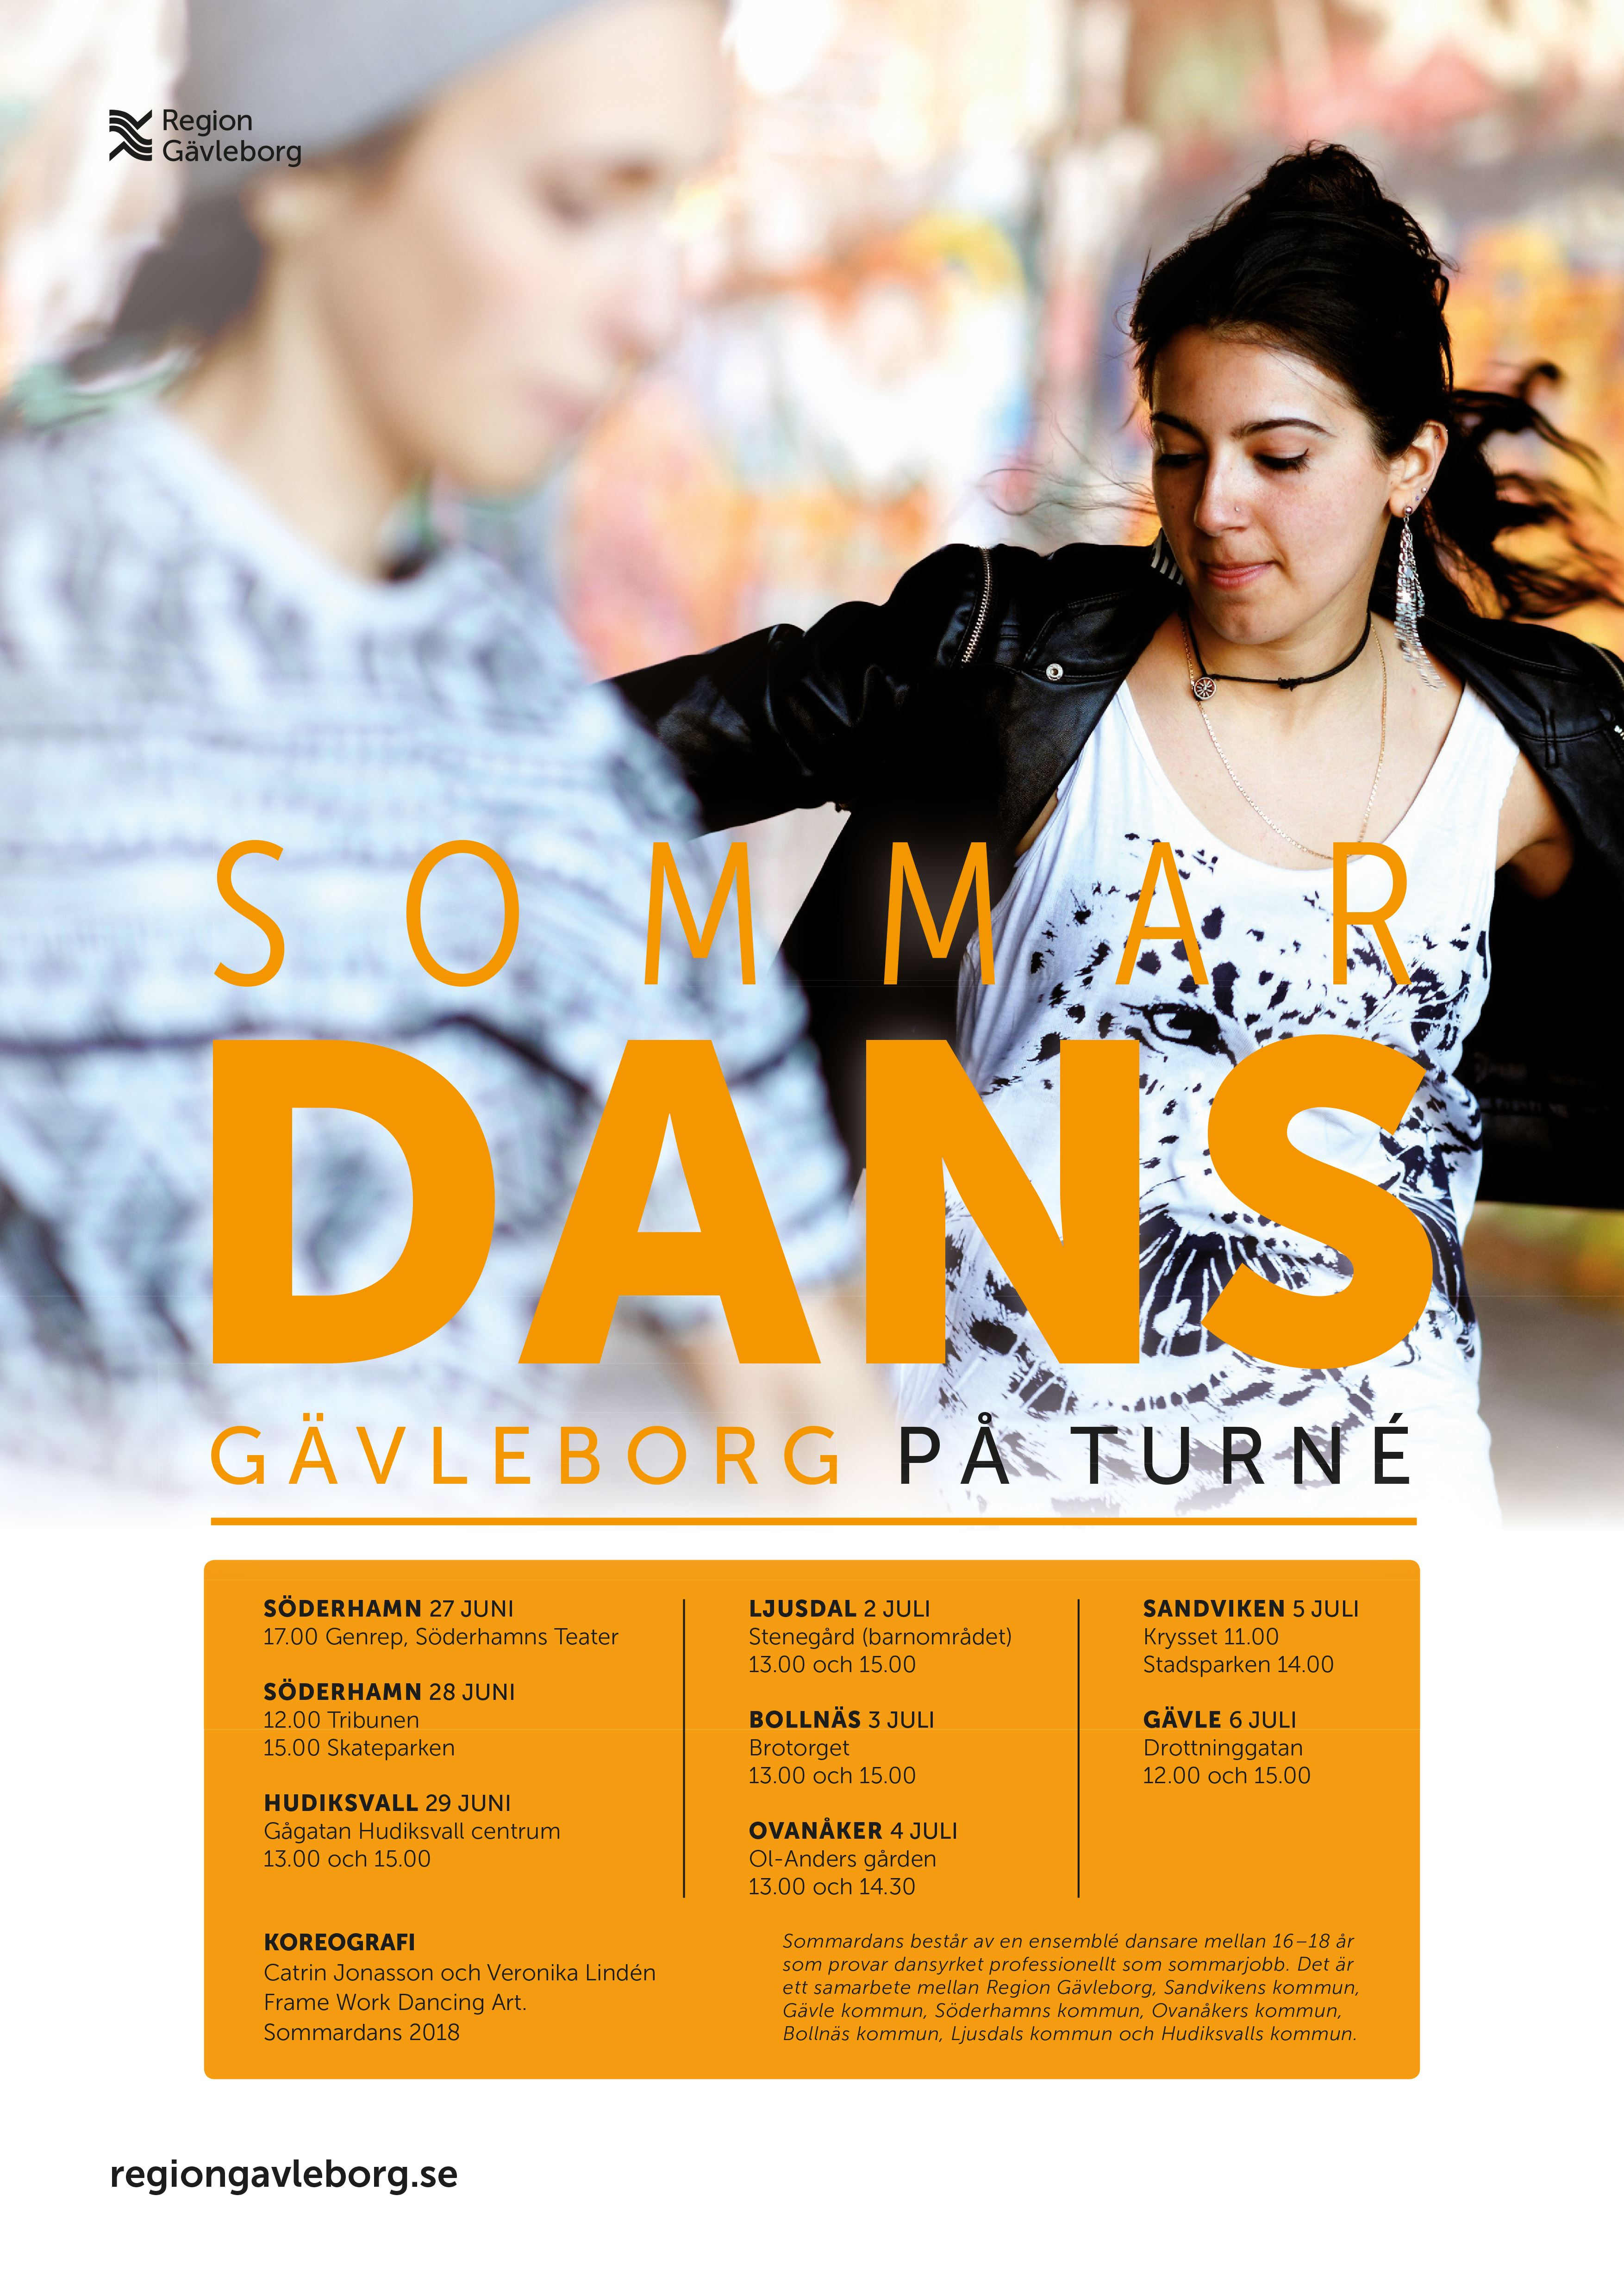 Sommardans på turné i Söderhamn